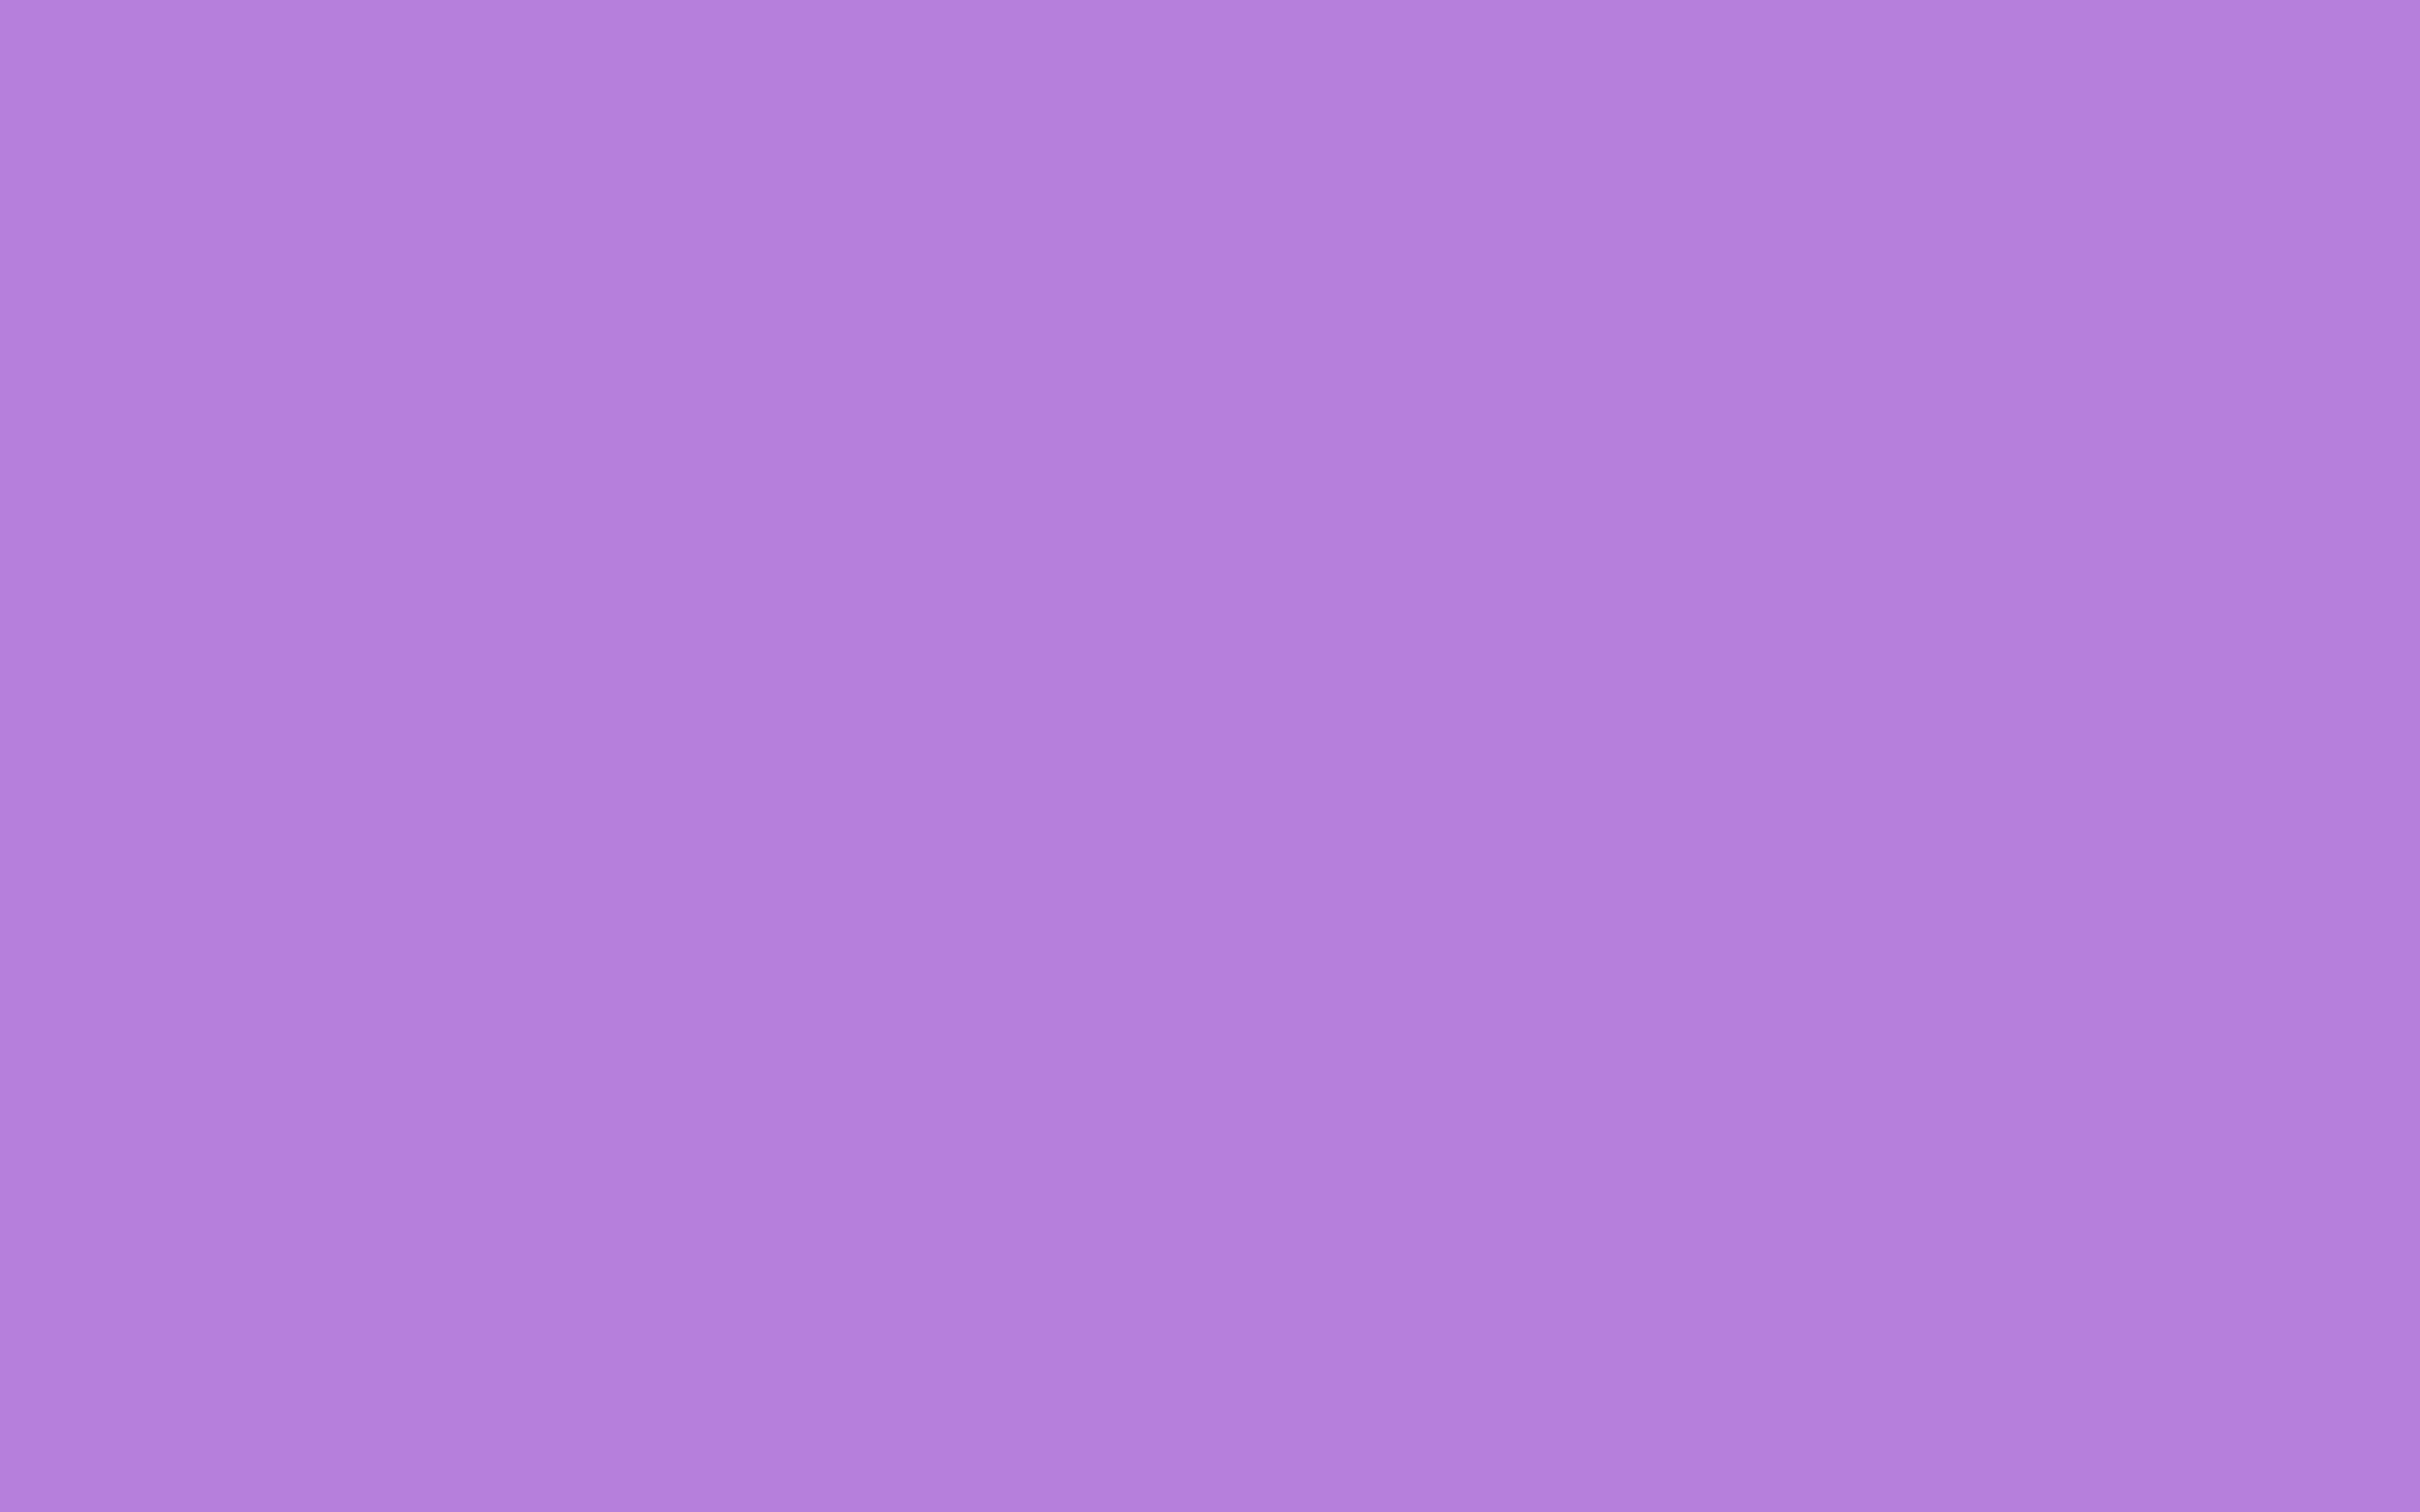 2560x1600 Lavender Floral Solid Color Background